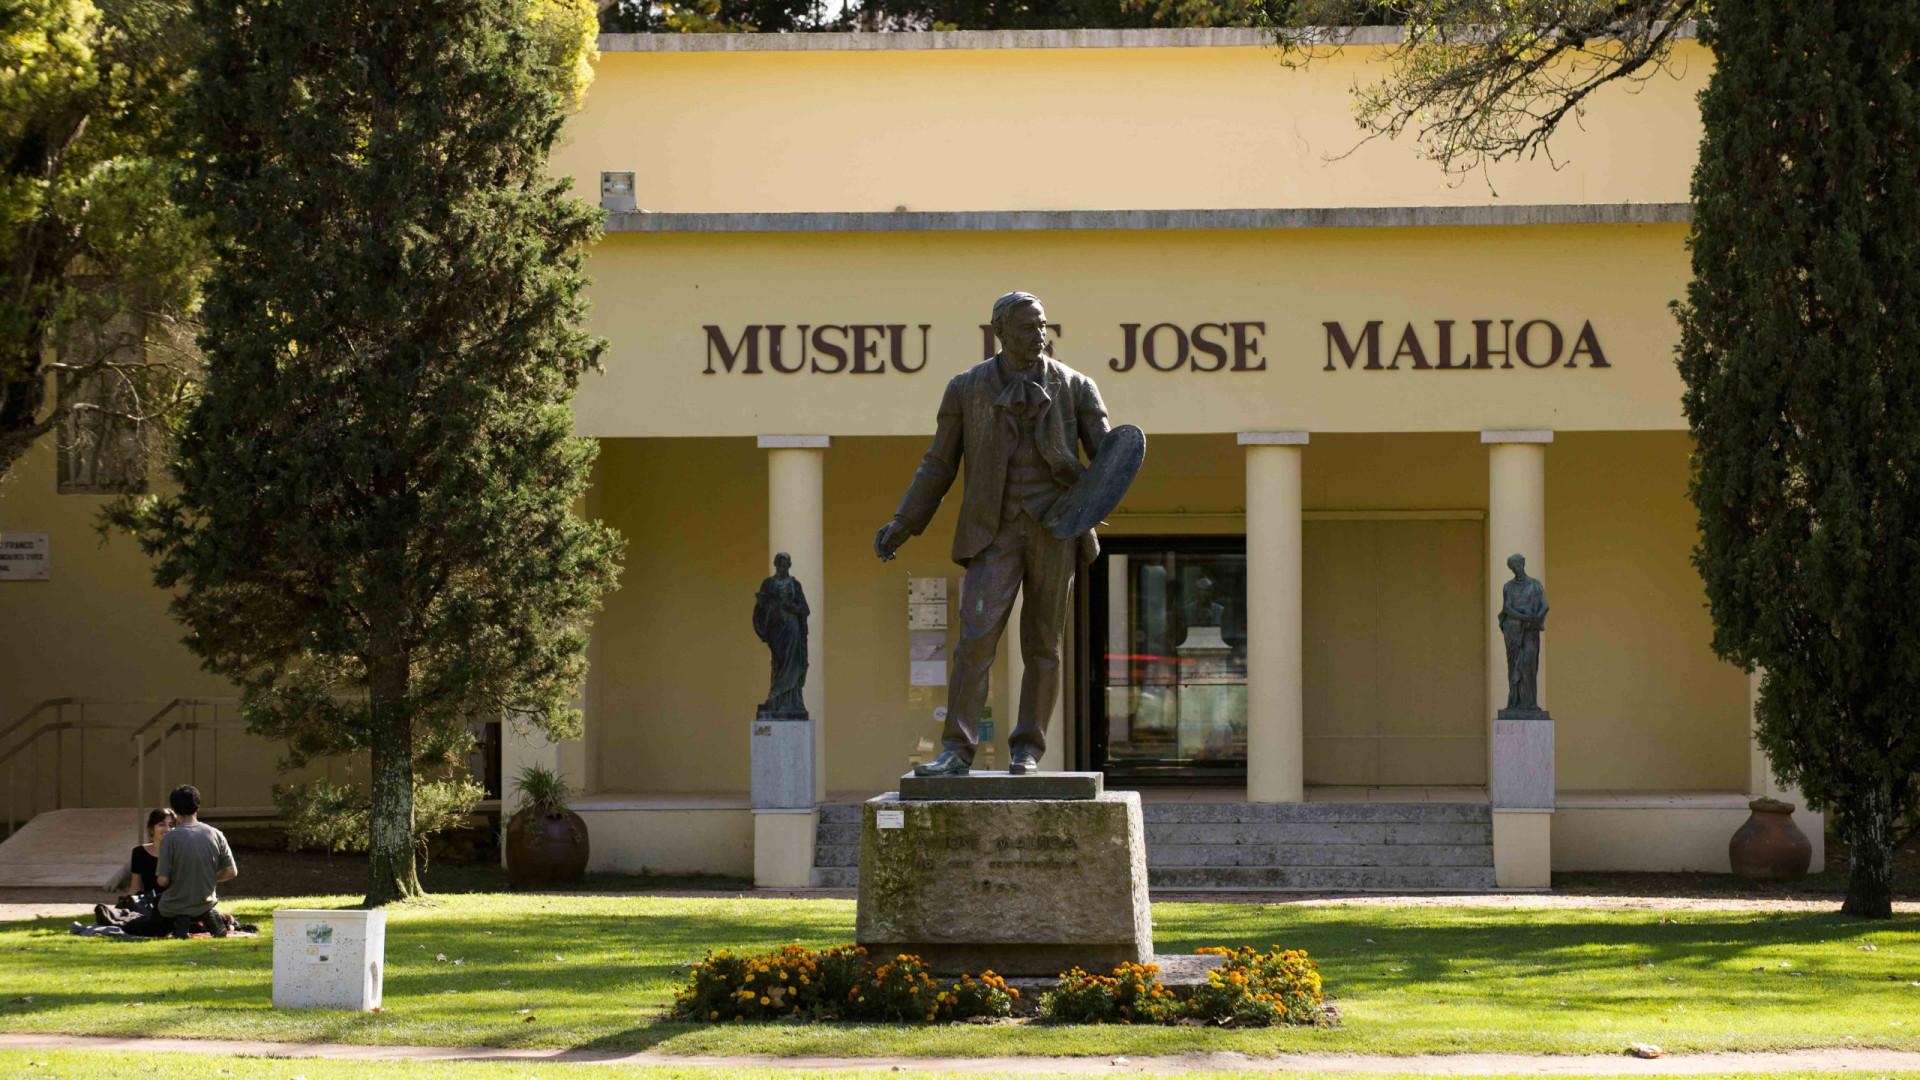 Duas obras de José Malhoa cedidas pelo Novo Banco a museu